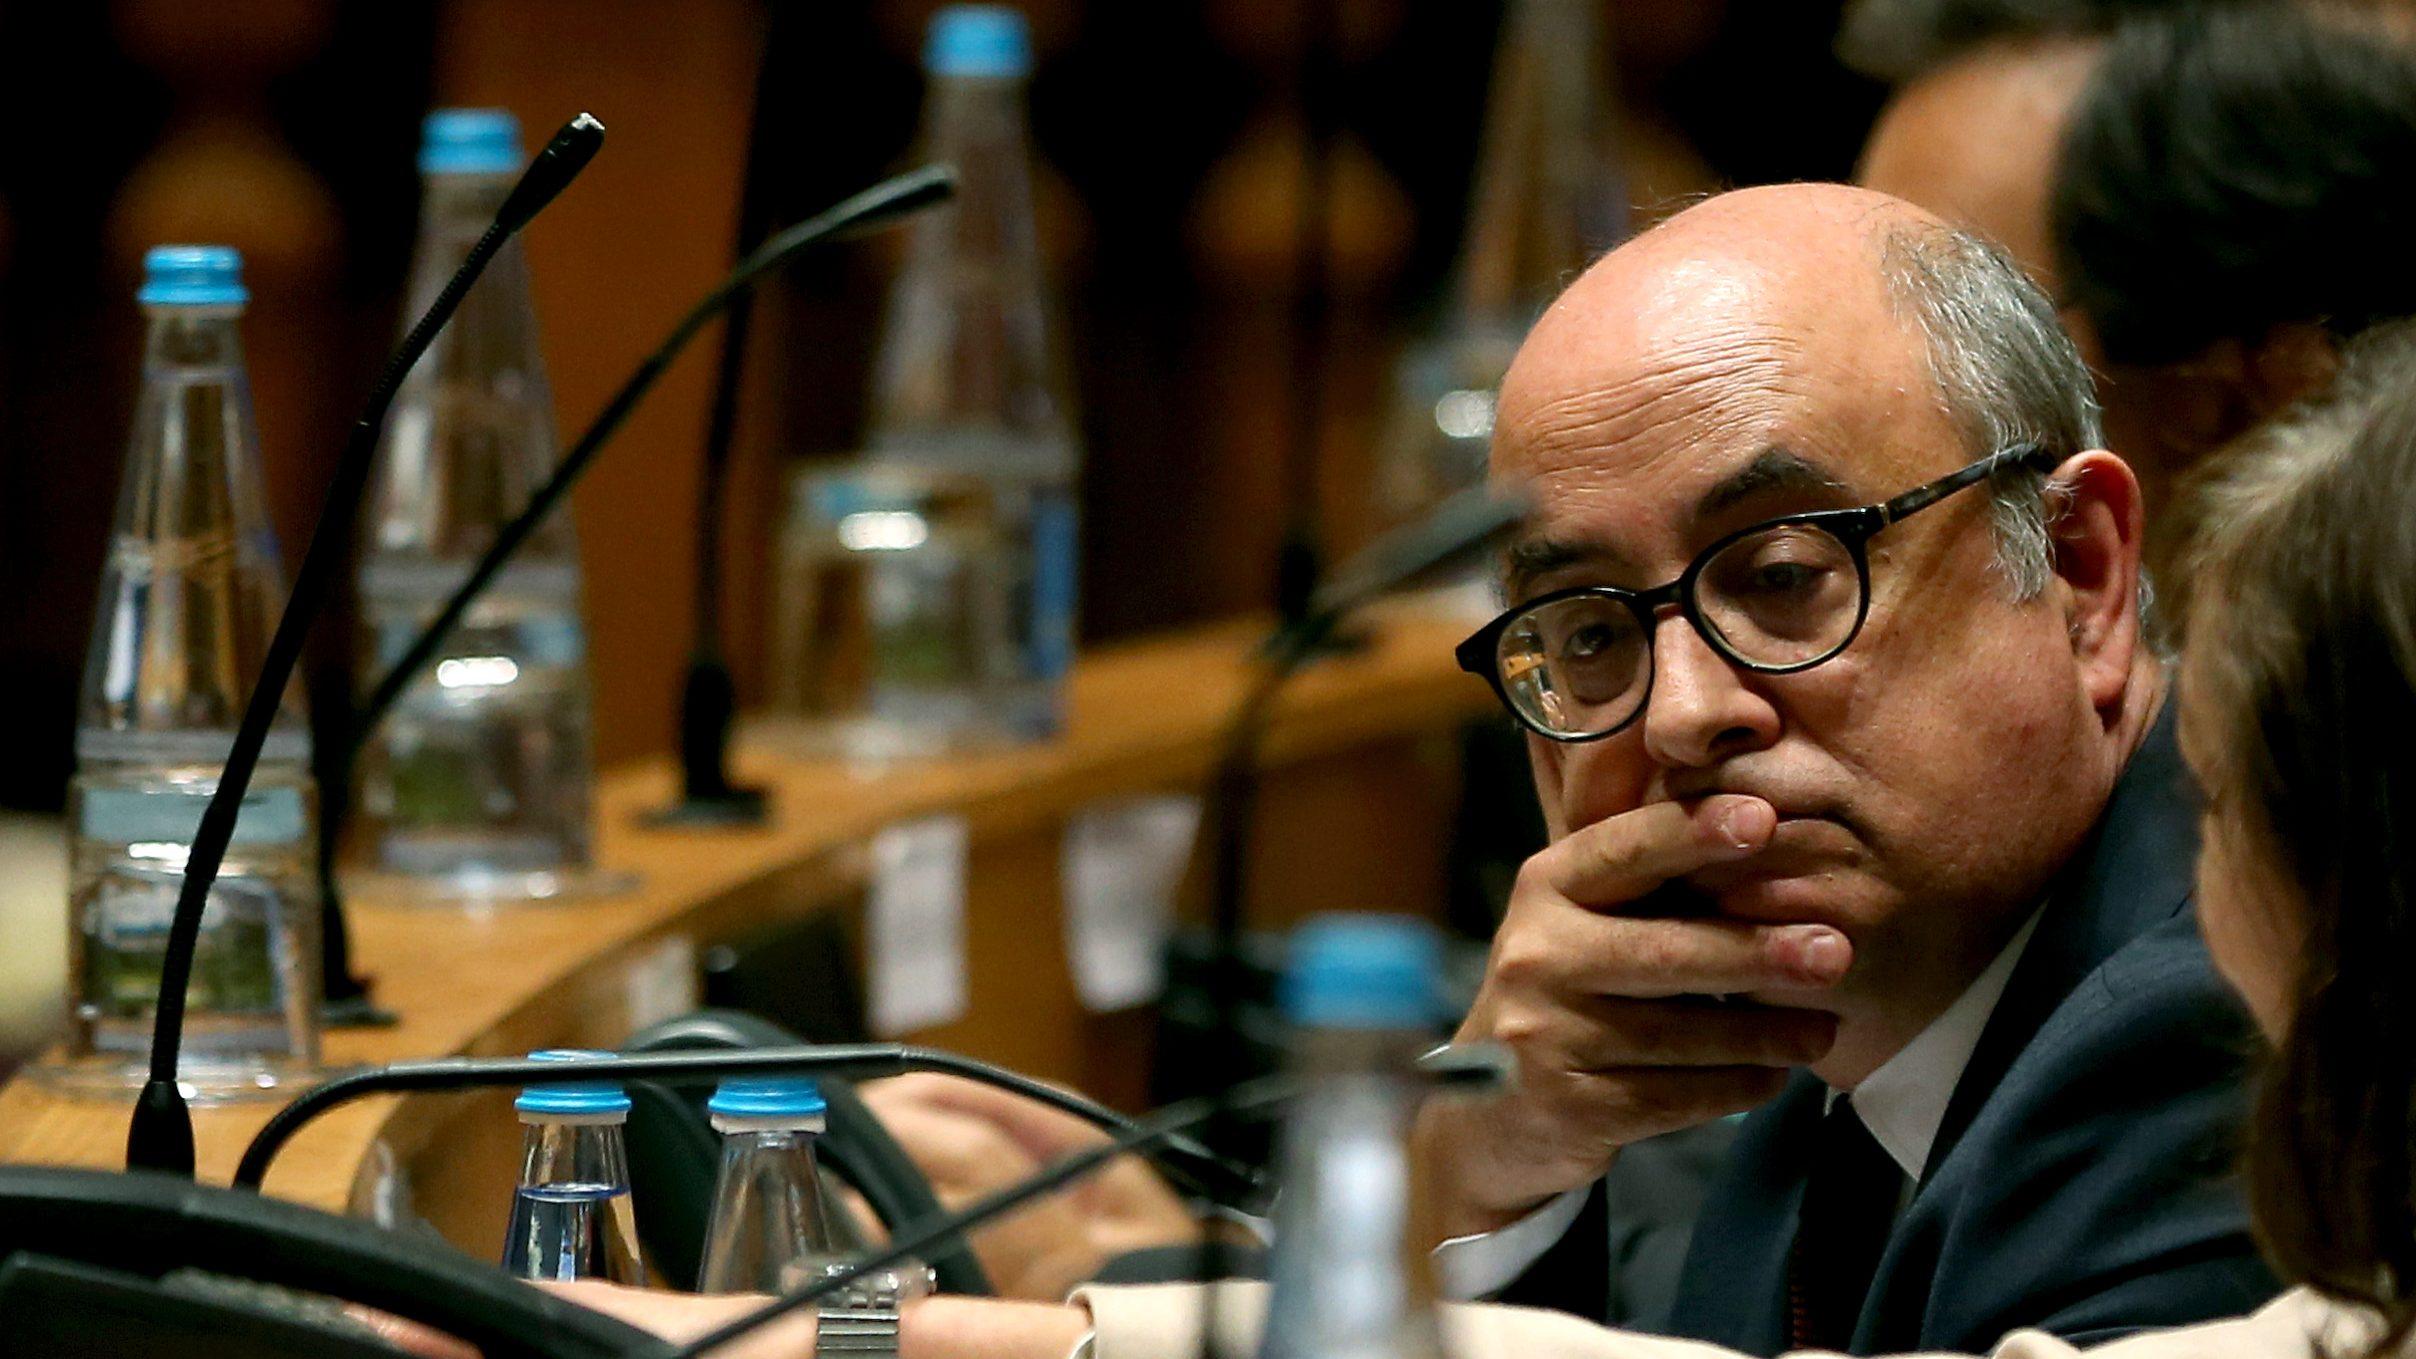 Documentos do chefe de gabinete podem comprometer ex-ministro Azeredo Lopes